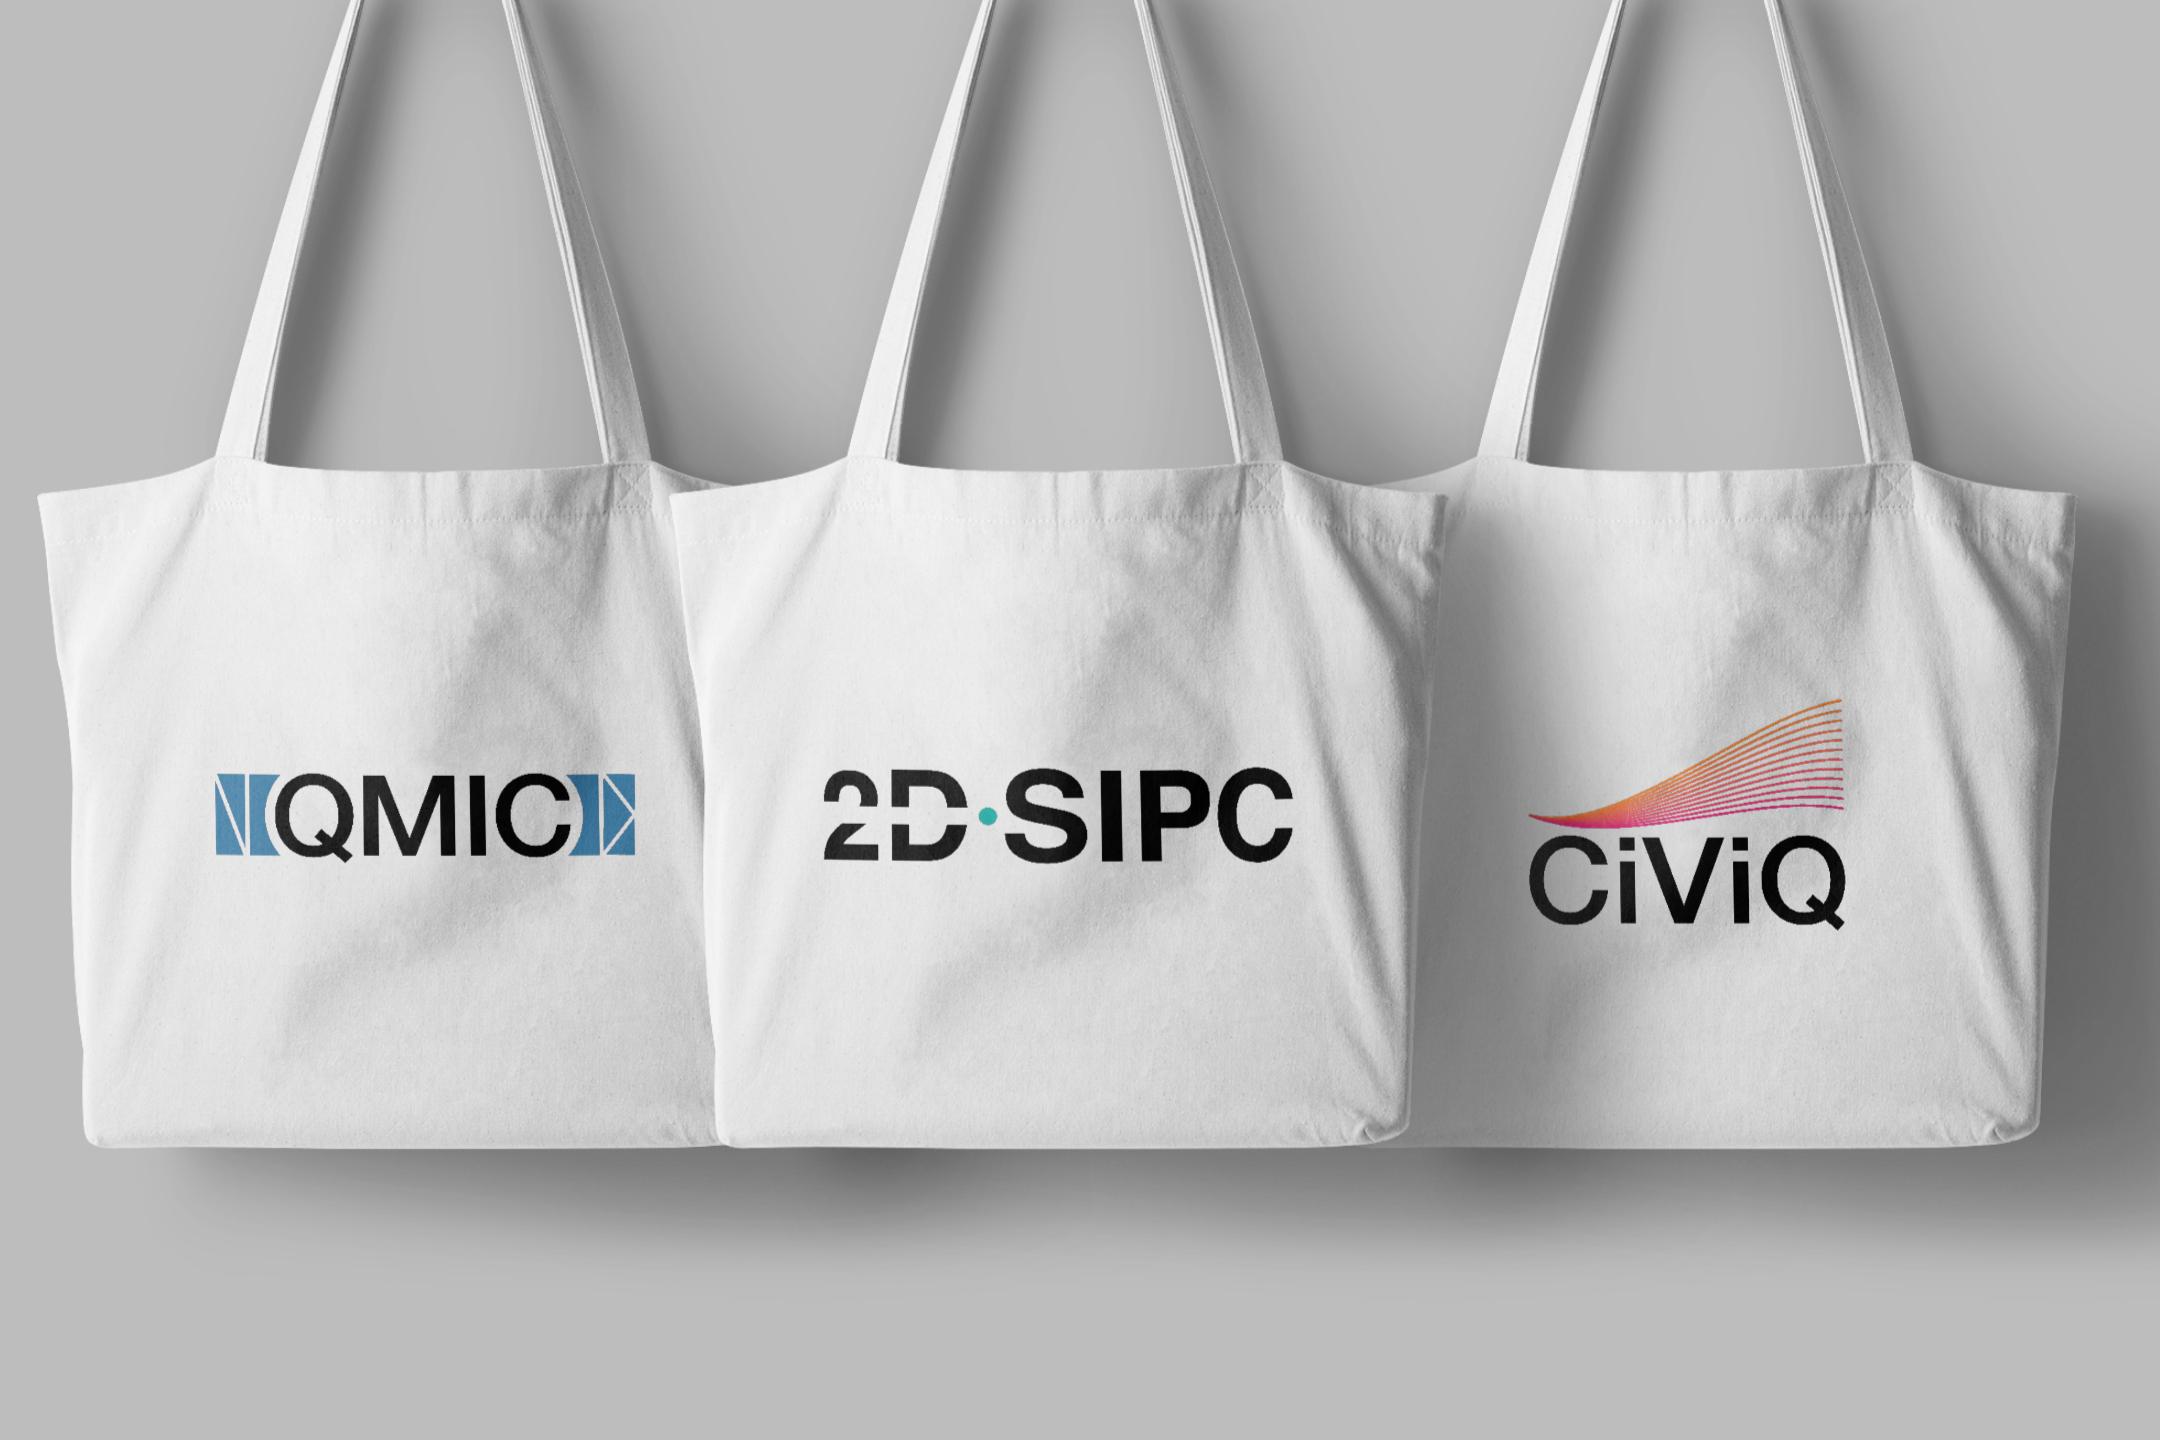 Logos-ICFO-totebag-Daniel-Cavalcanti